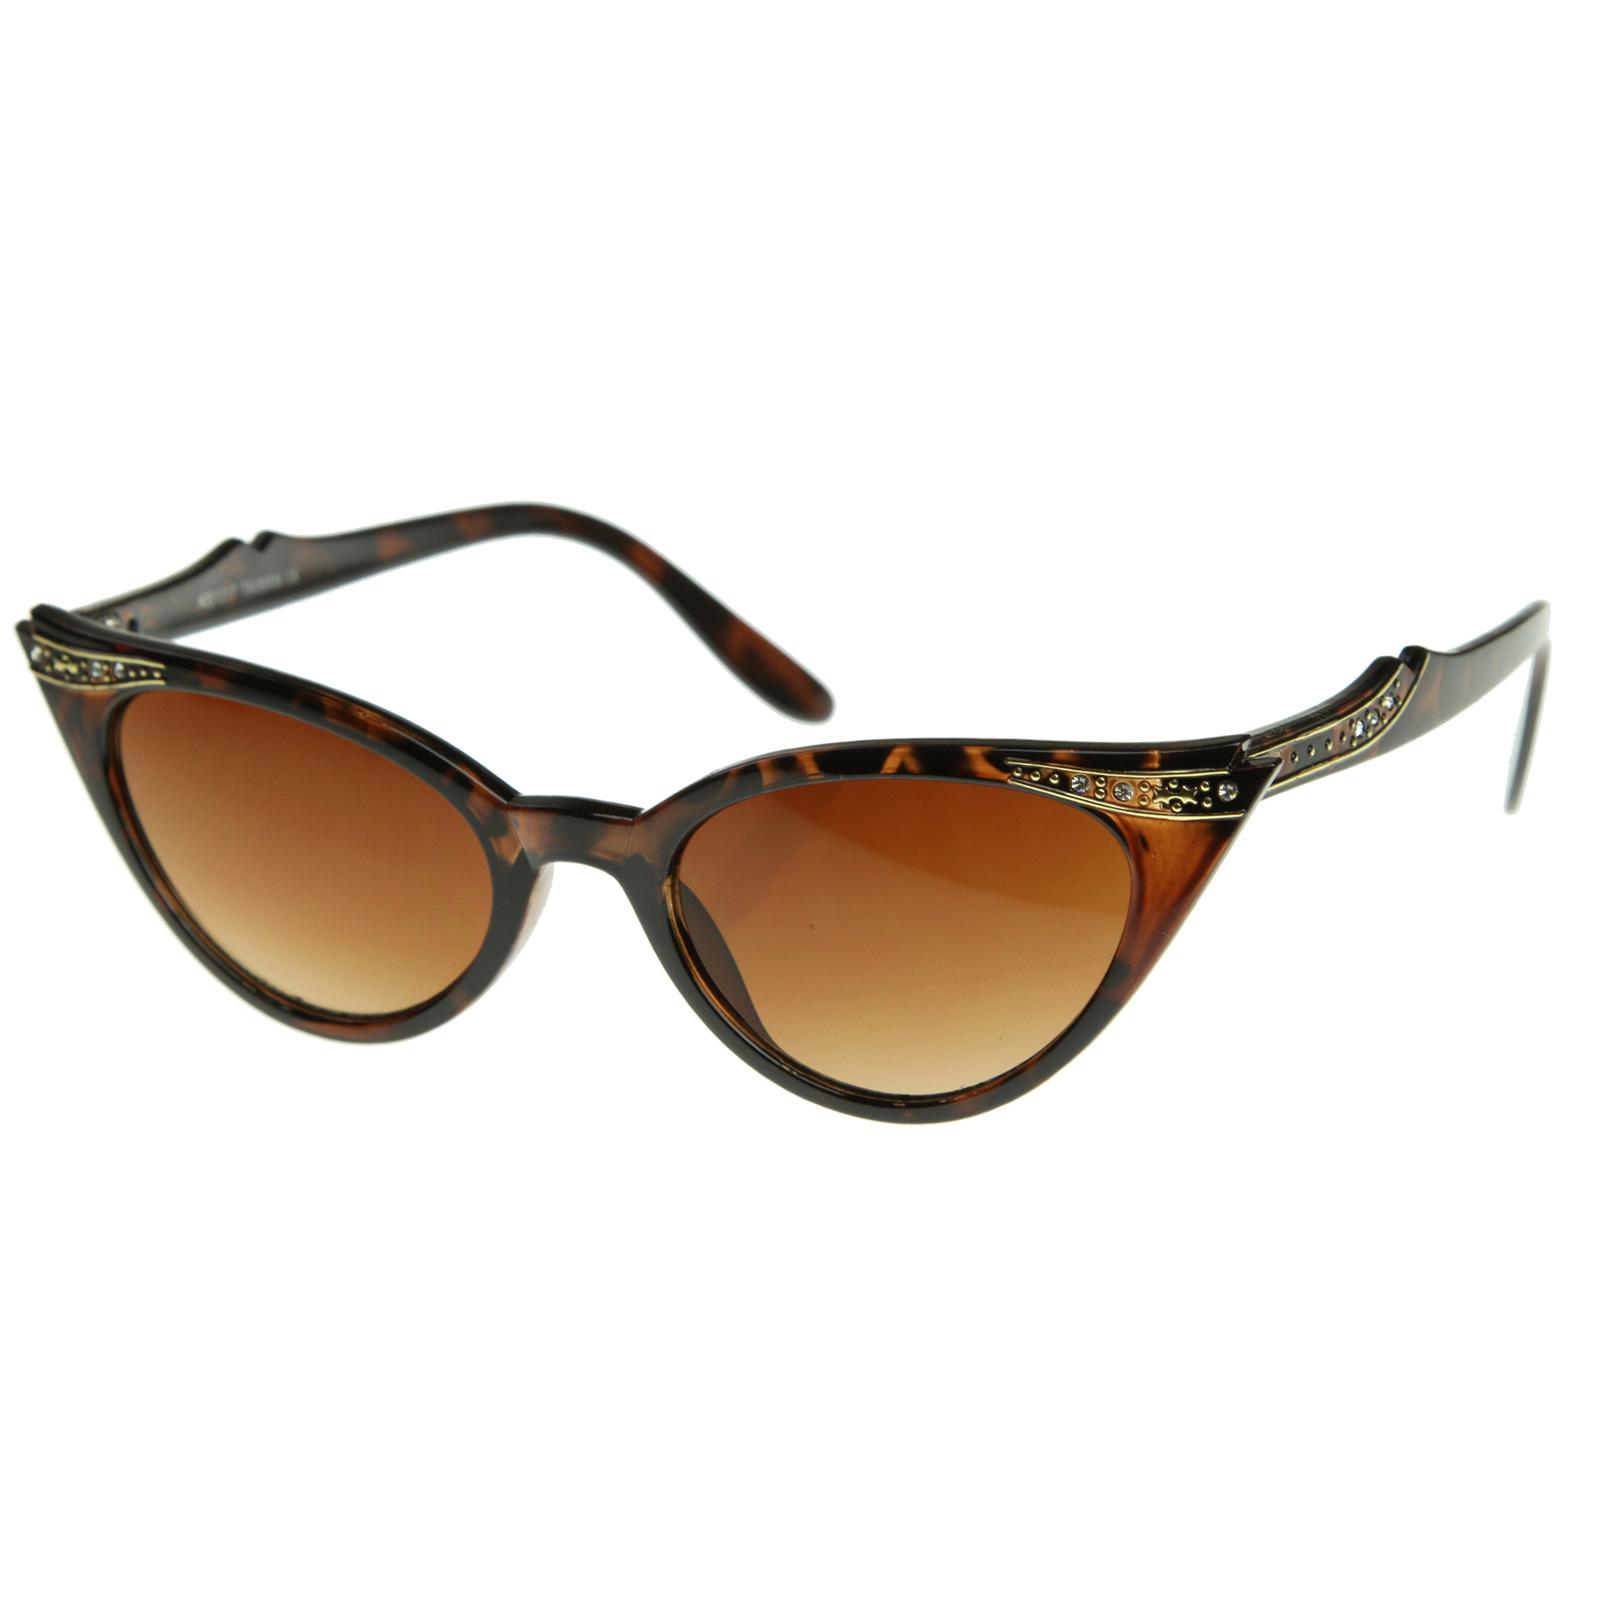 Rhinestone Cat Eye Sunglasses